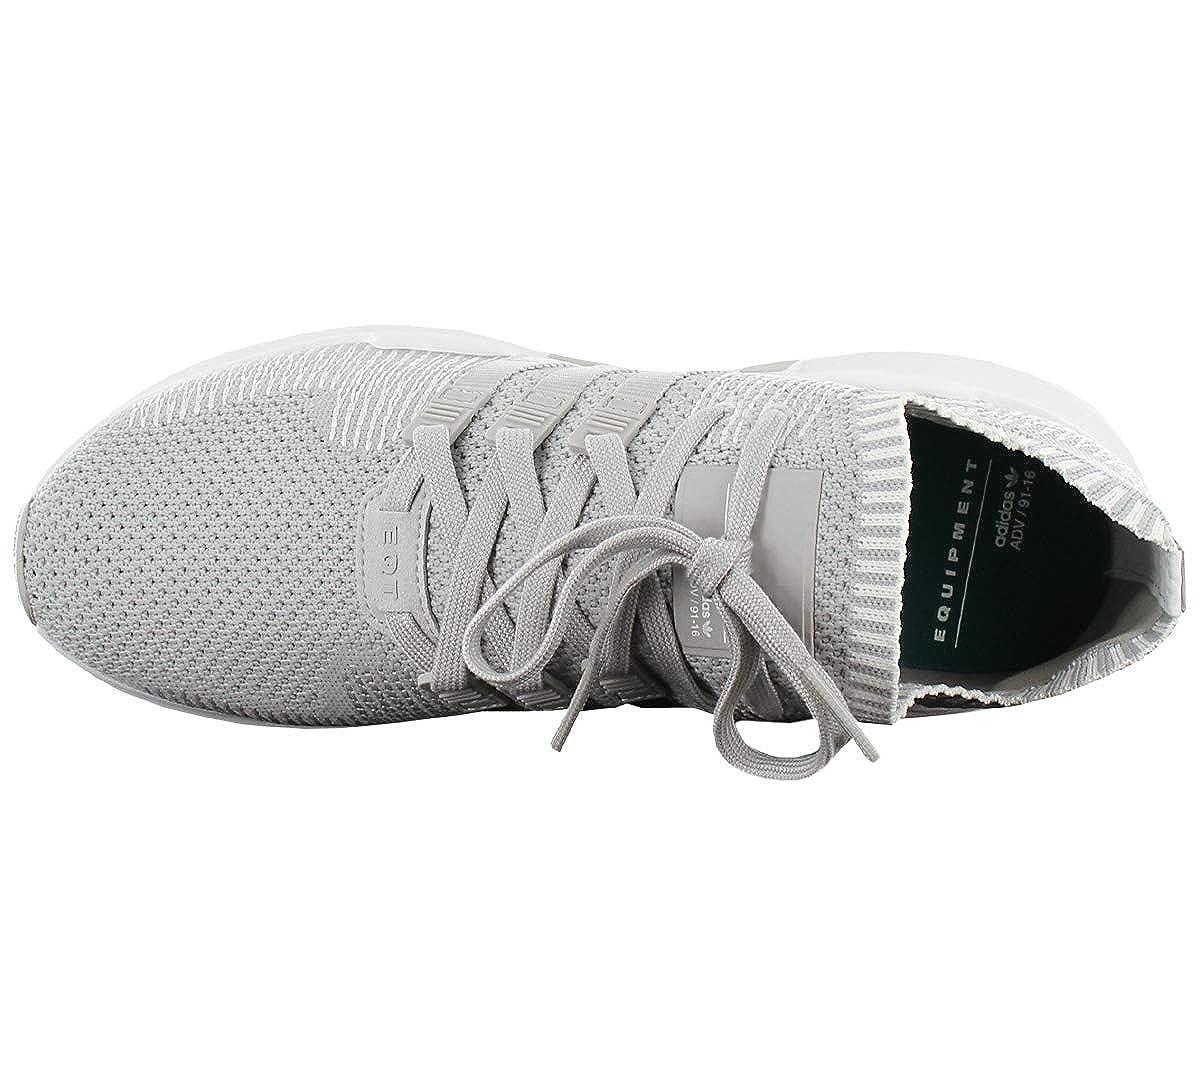 low priced ce634 1e158 adidas EQT Support ADV Primeknit, Scarpe da Ginnastica Basse Uomo   Amazon.it  Scarpe e borse